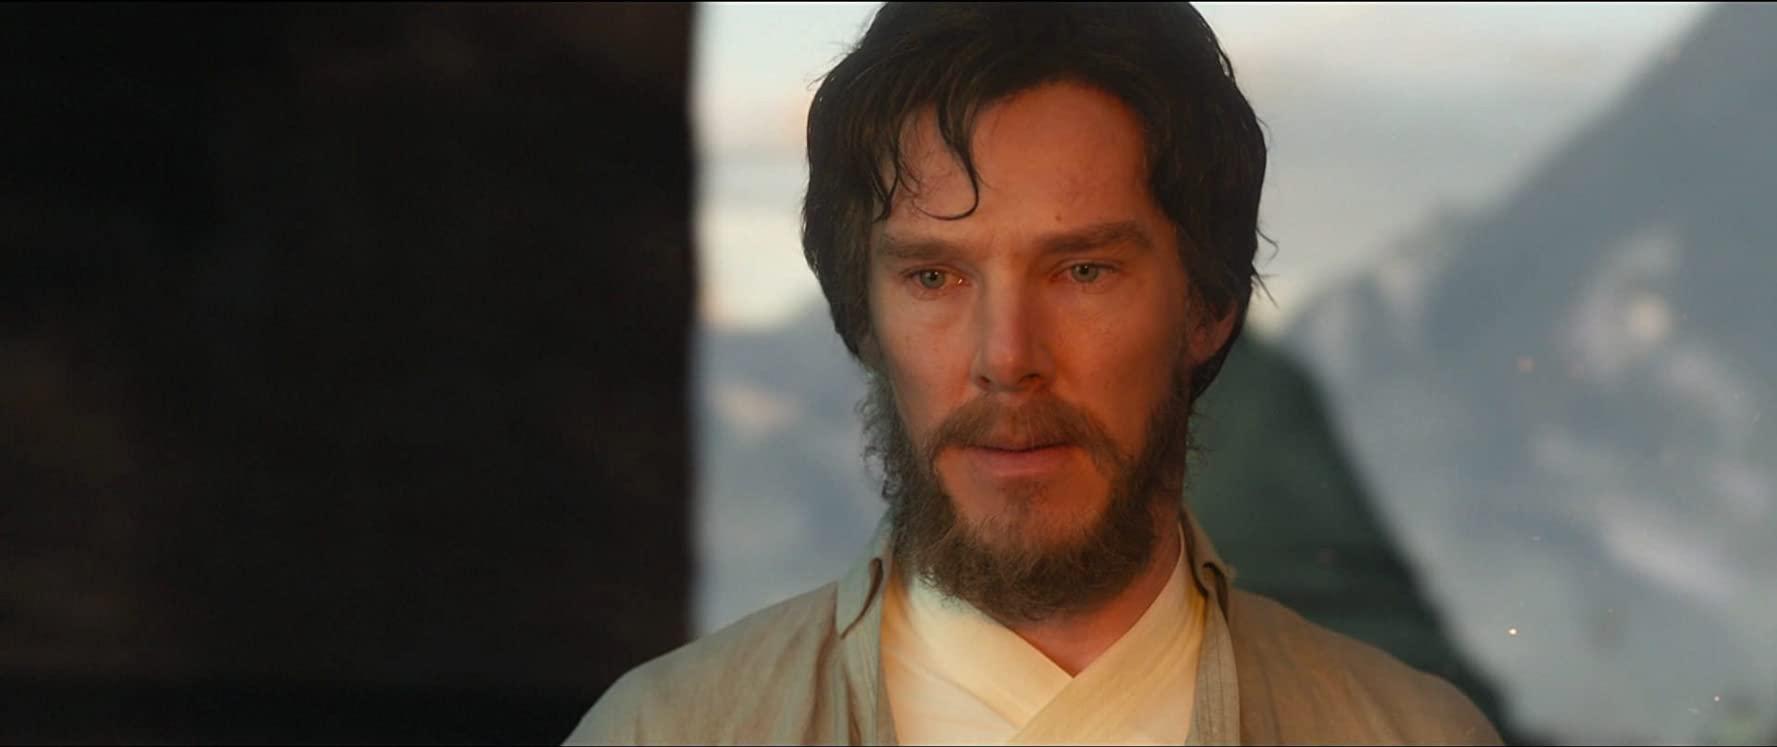 Бенедикт Камбербэтч исполнит роль Доктора Стрэнджа в «Человеке-пауке 3»